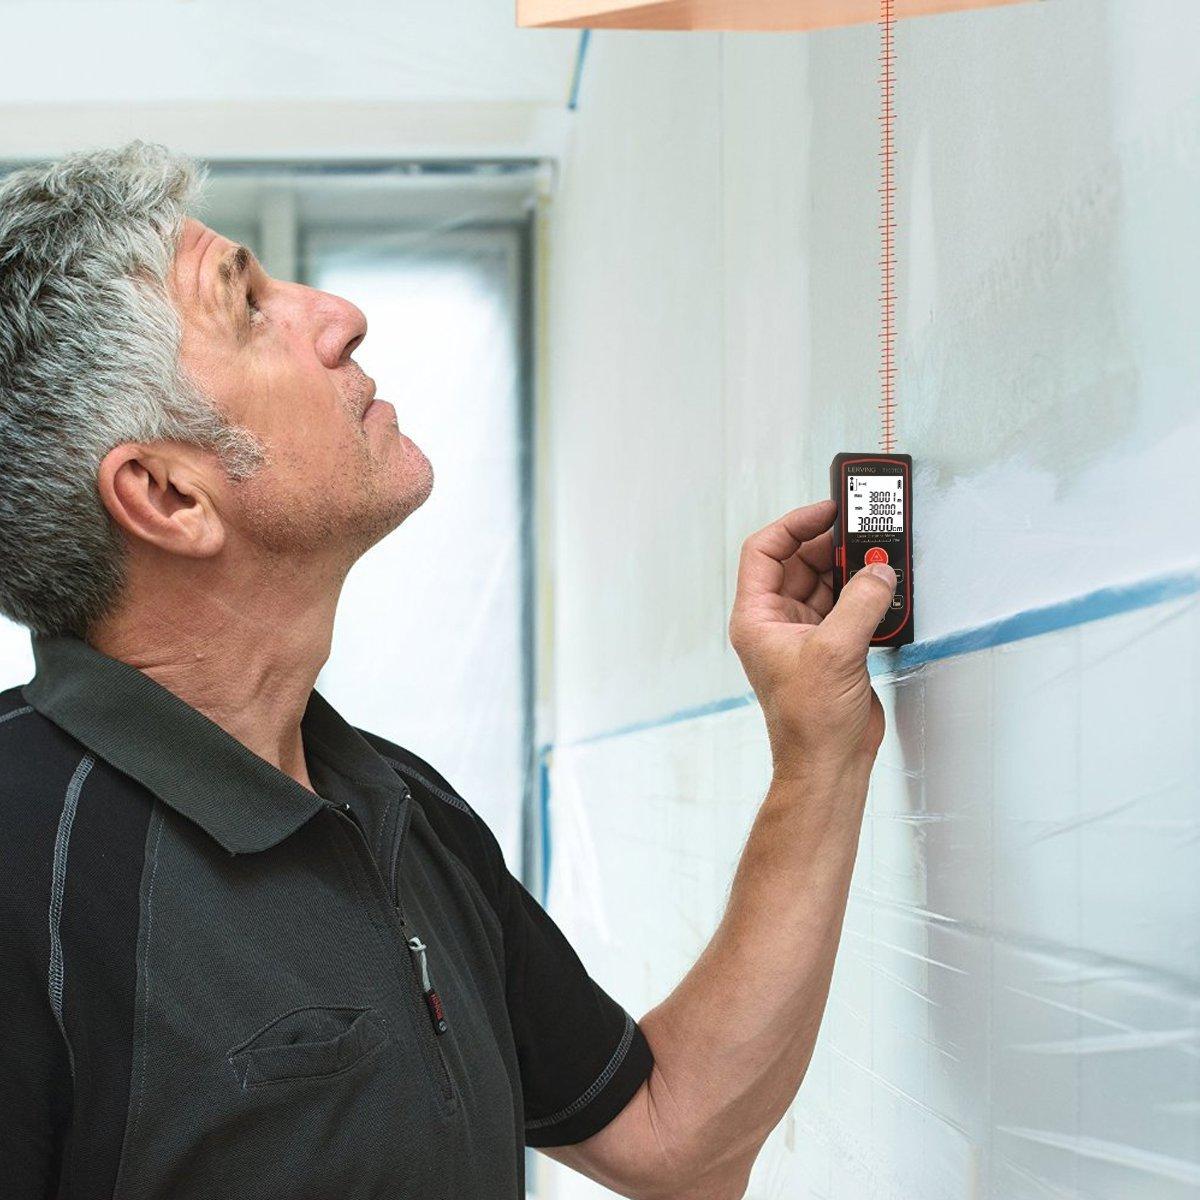 Mann hält einen Laser Entfernungsmesser